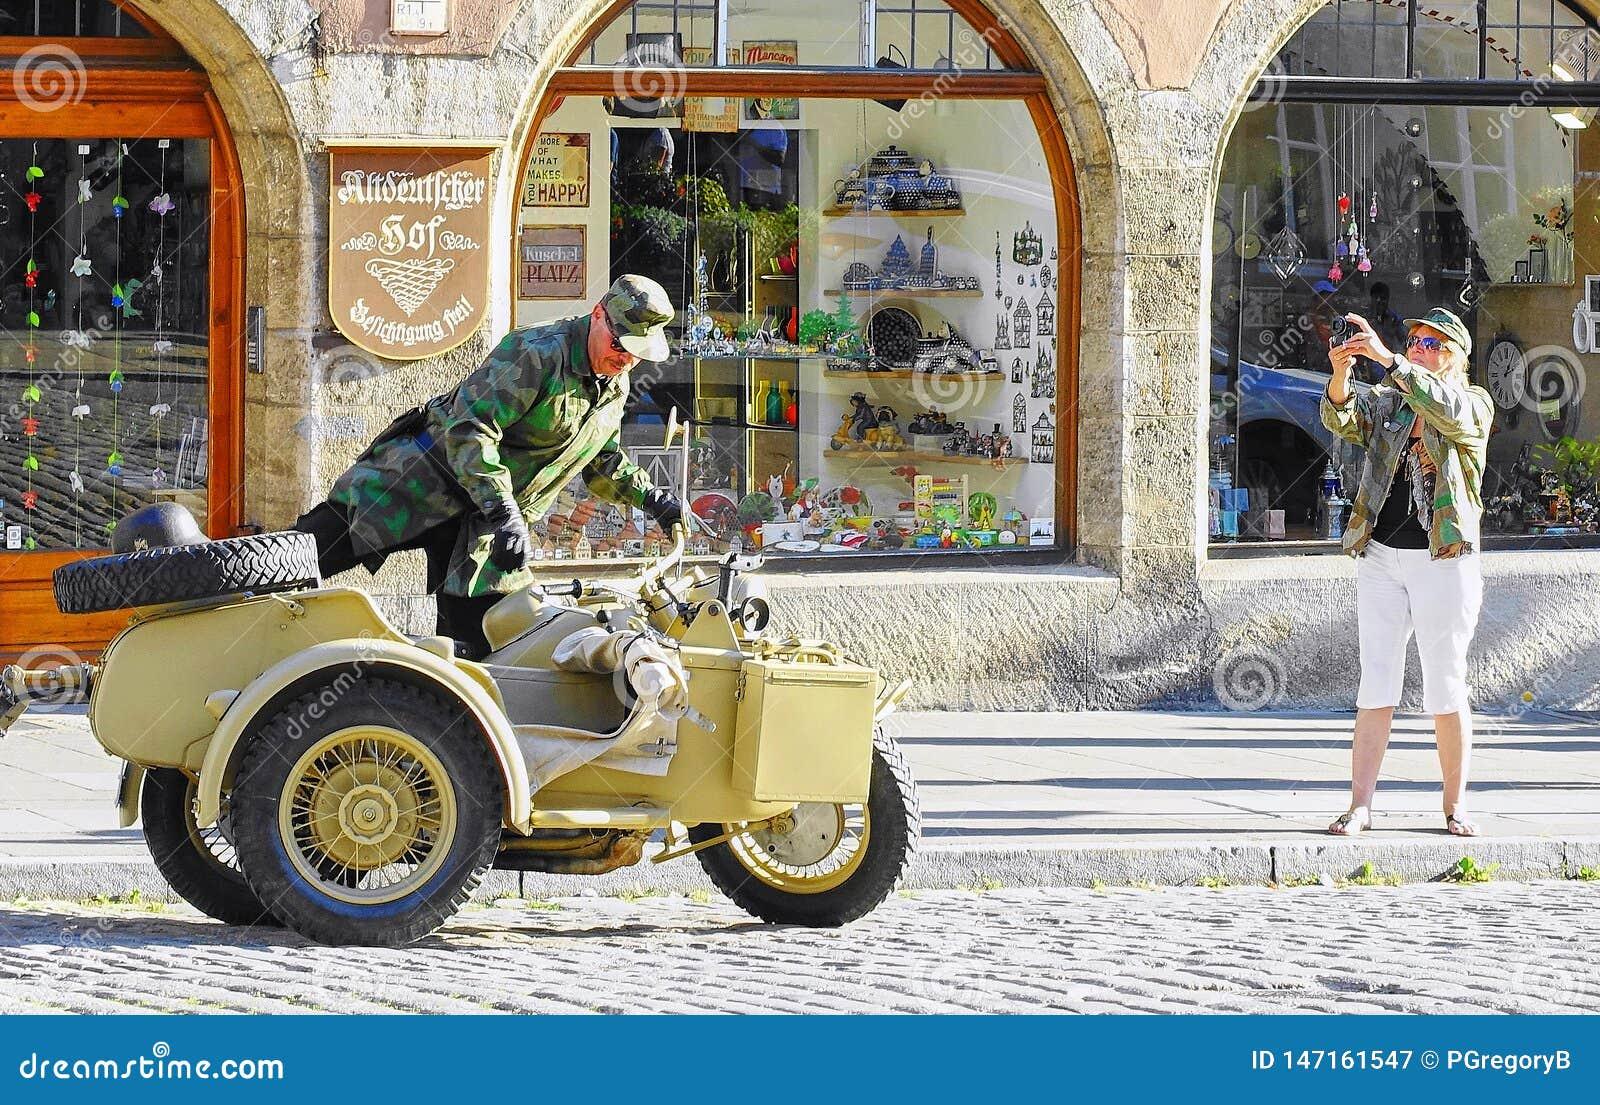 Το άτομο αναρριχείται στην εκλεκτής ποιότητας μοτοσικλέτα & την καρότσα Δεύτερου Παγκόσμιου Πολέμου